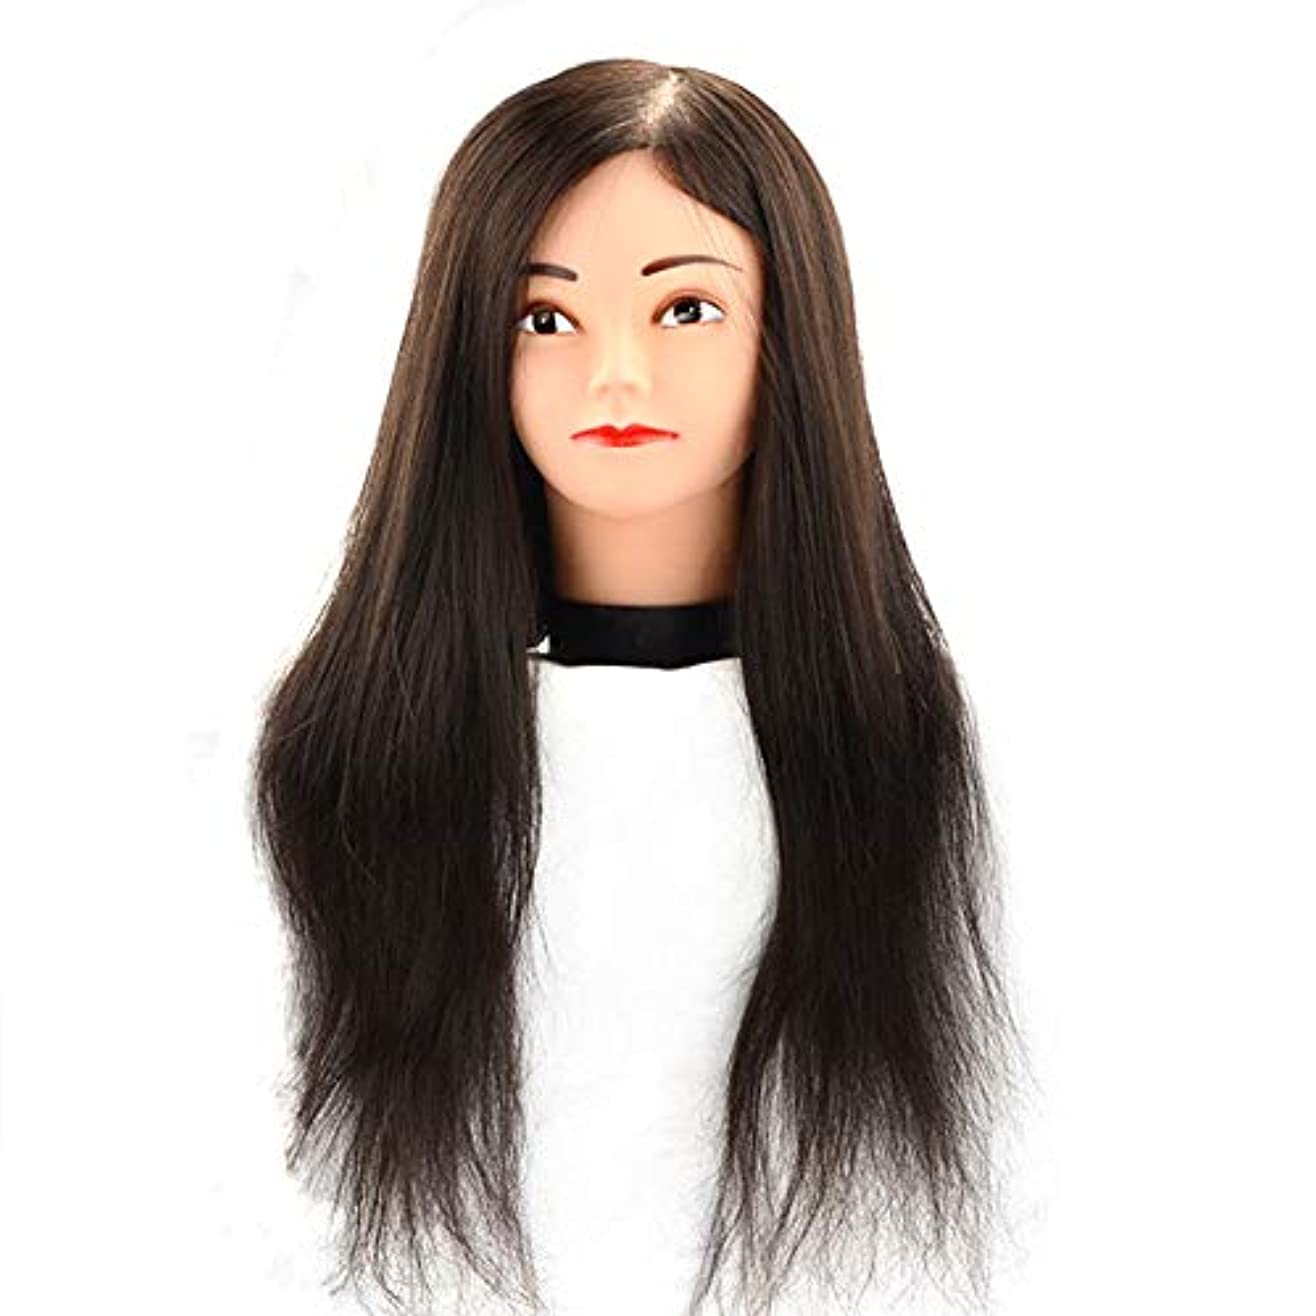 理髪店パーマ染め髪ダミー練習ヘッド花嫁ディスク髪編組学習ヘッドモデルヘアマネキンヘッド